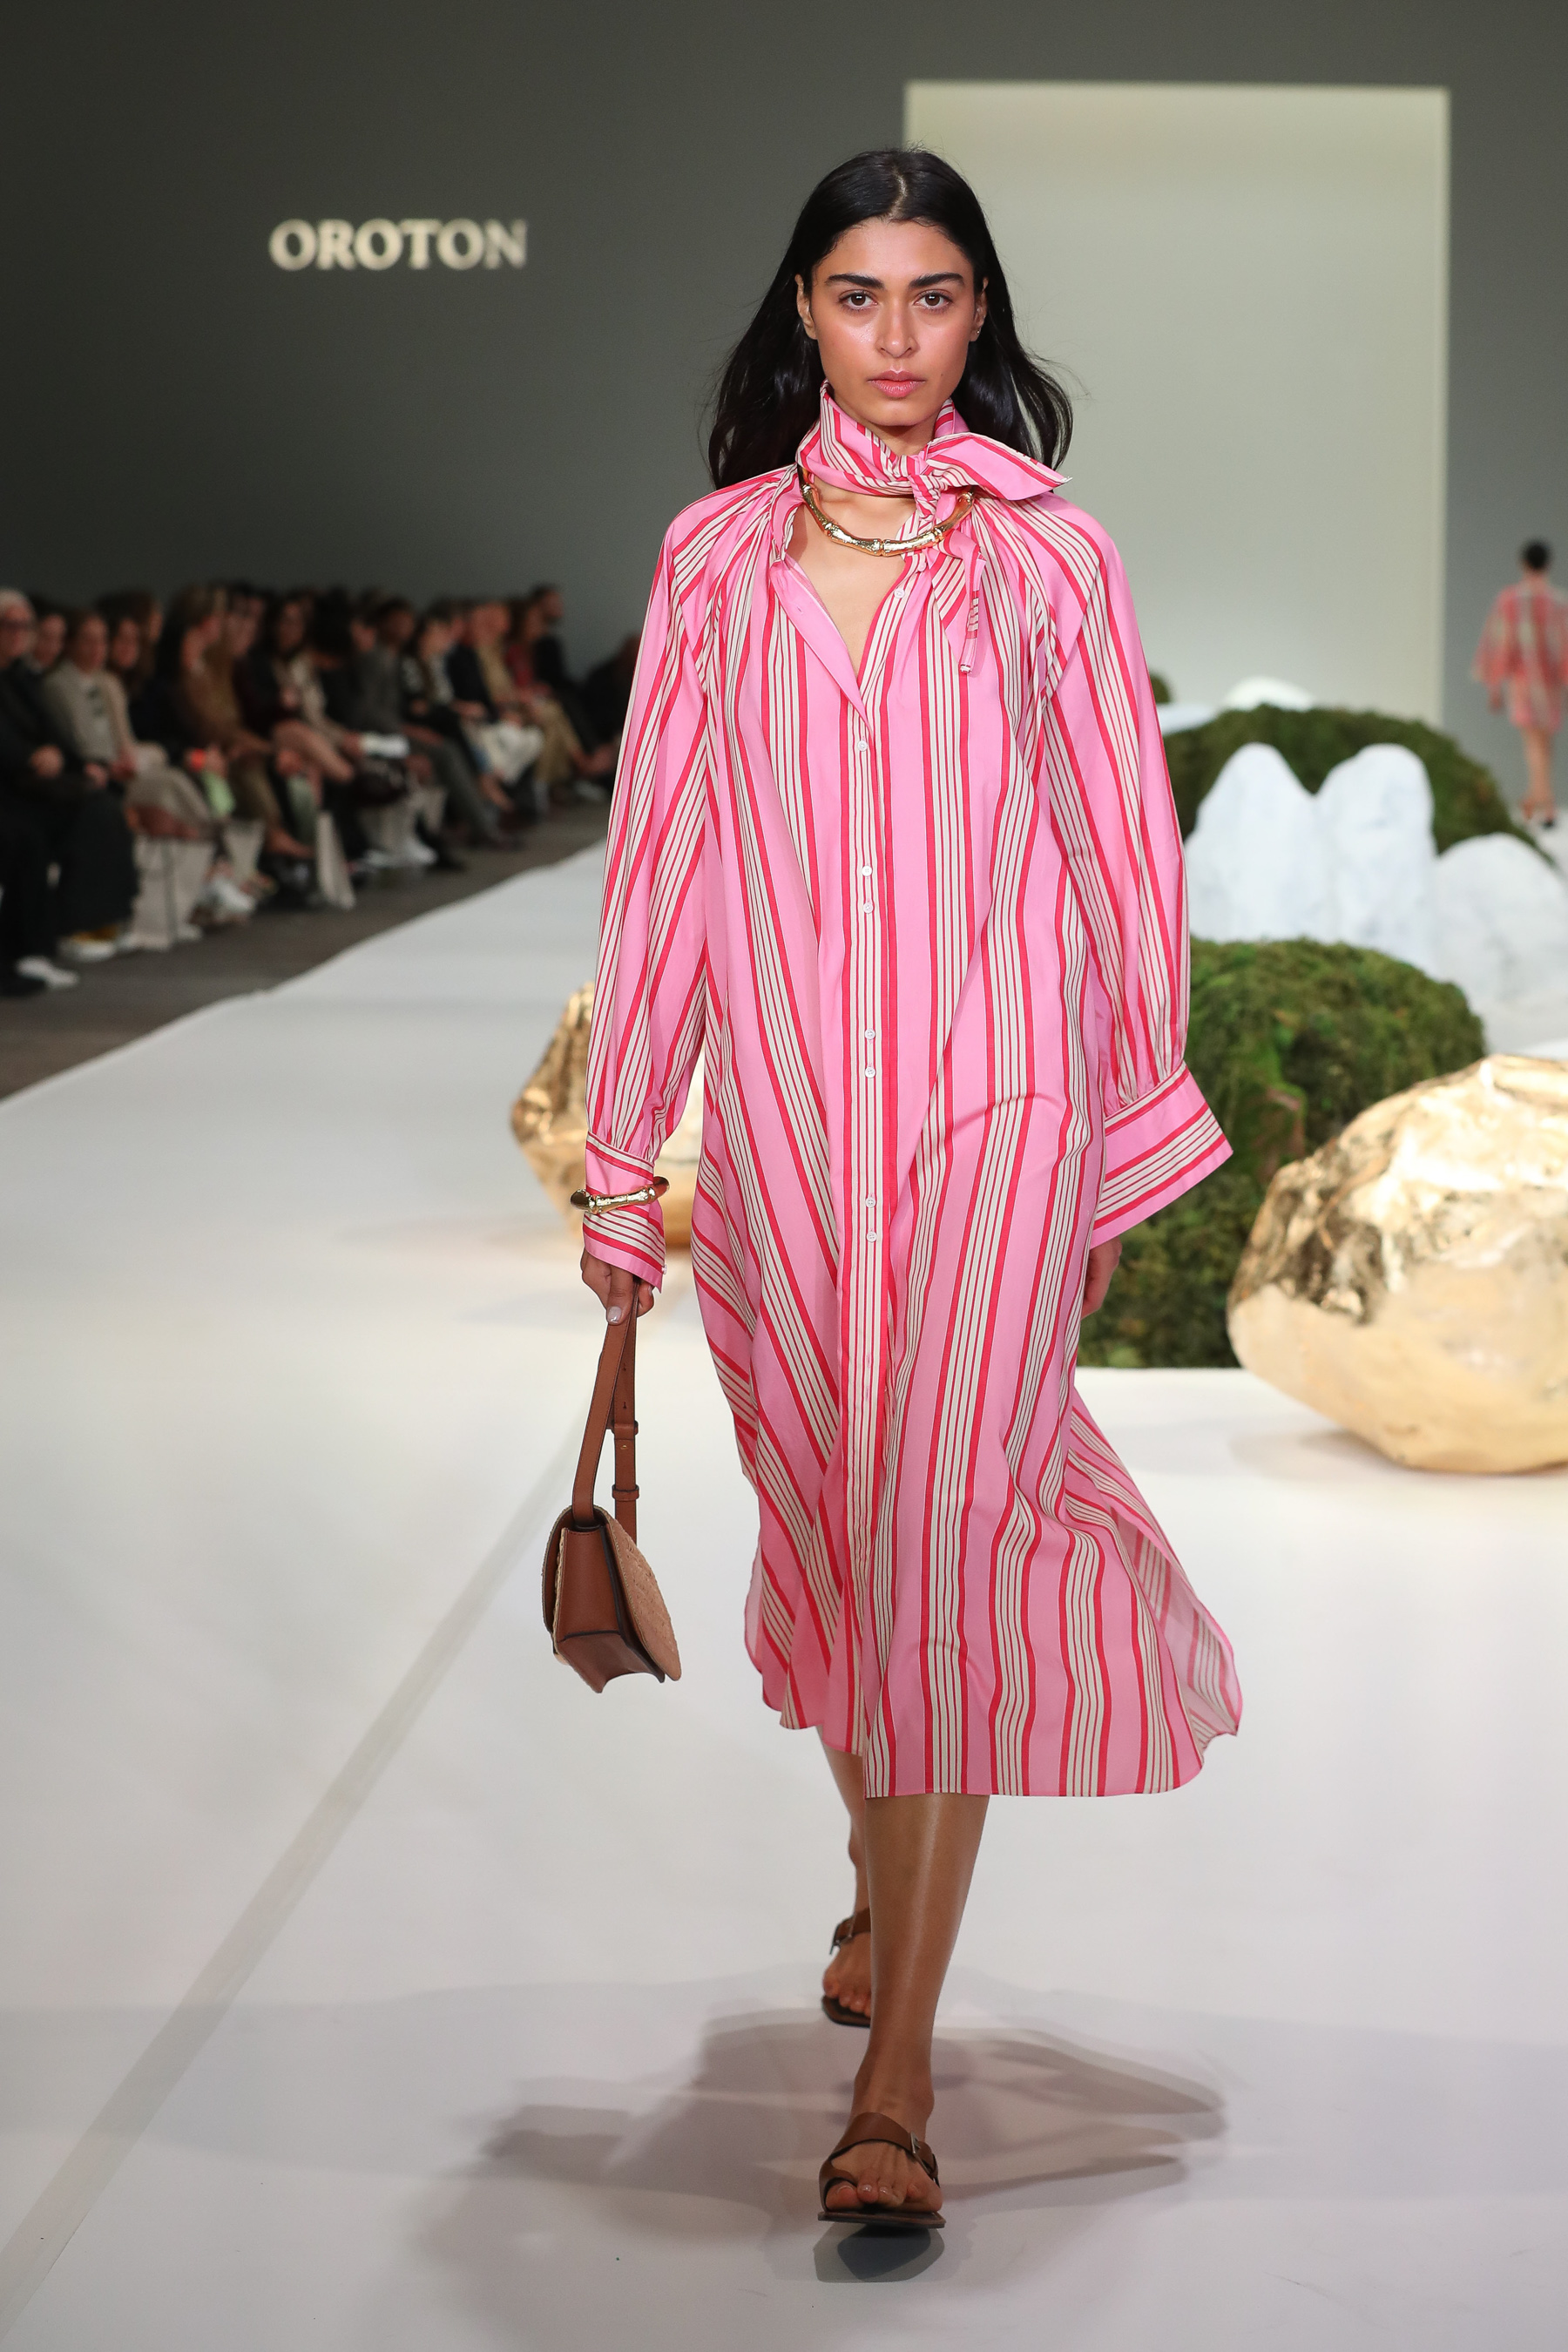 Oroton Spring 2022 Fashion Show